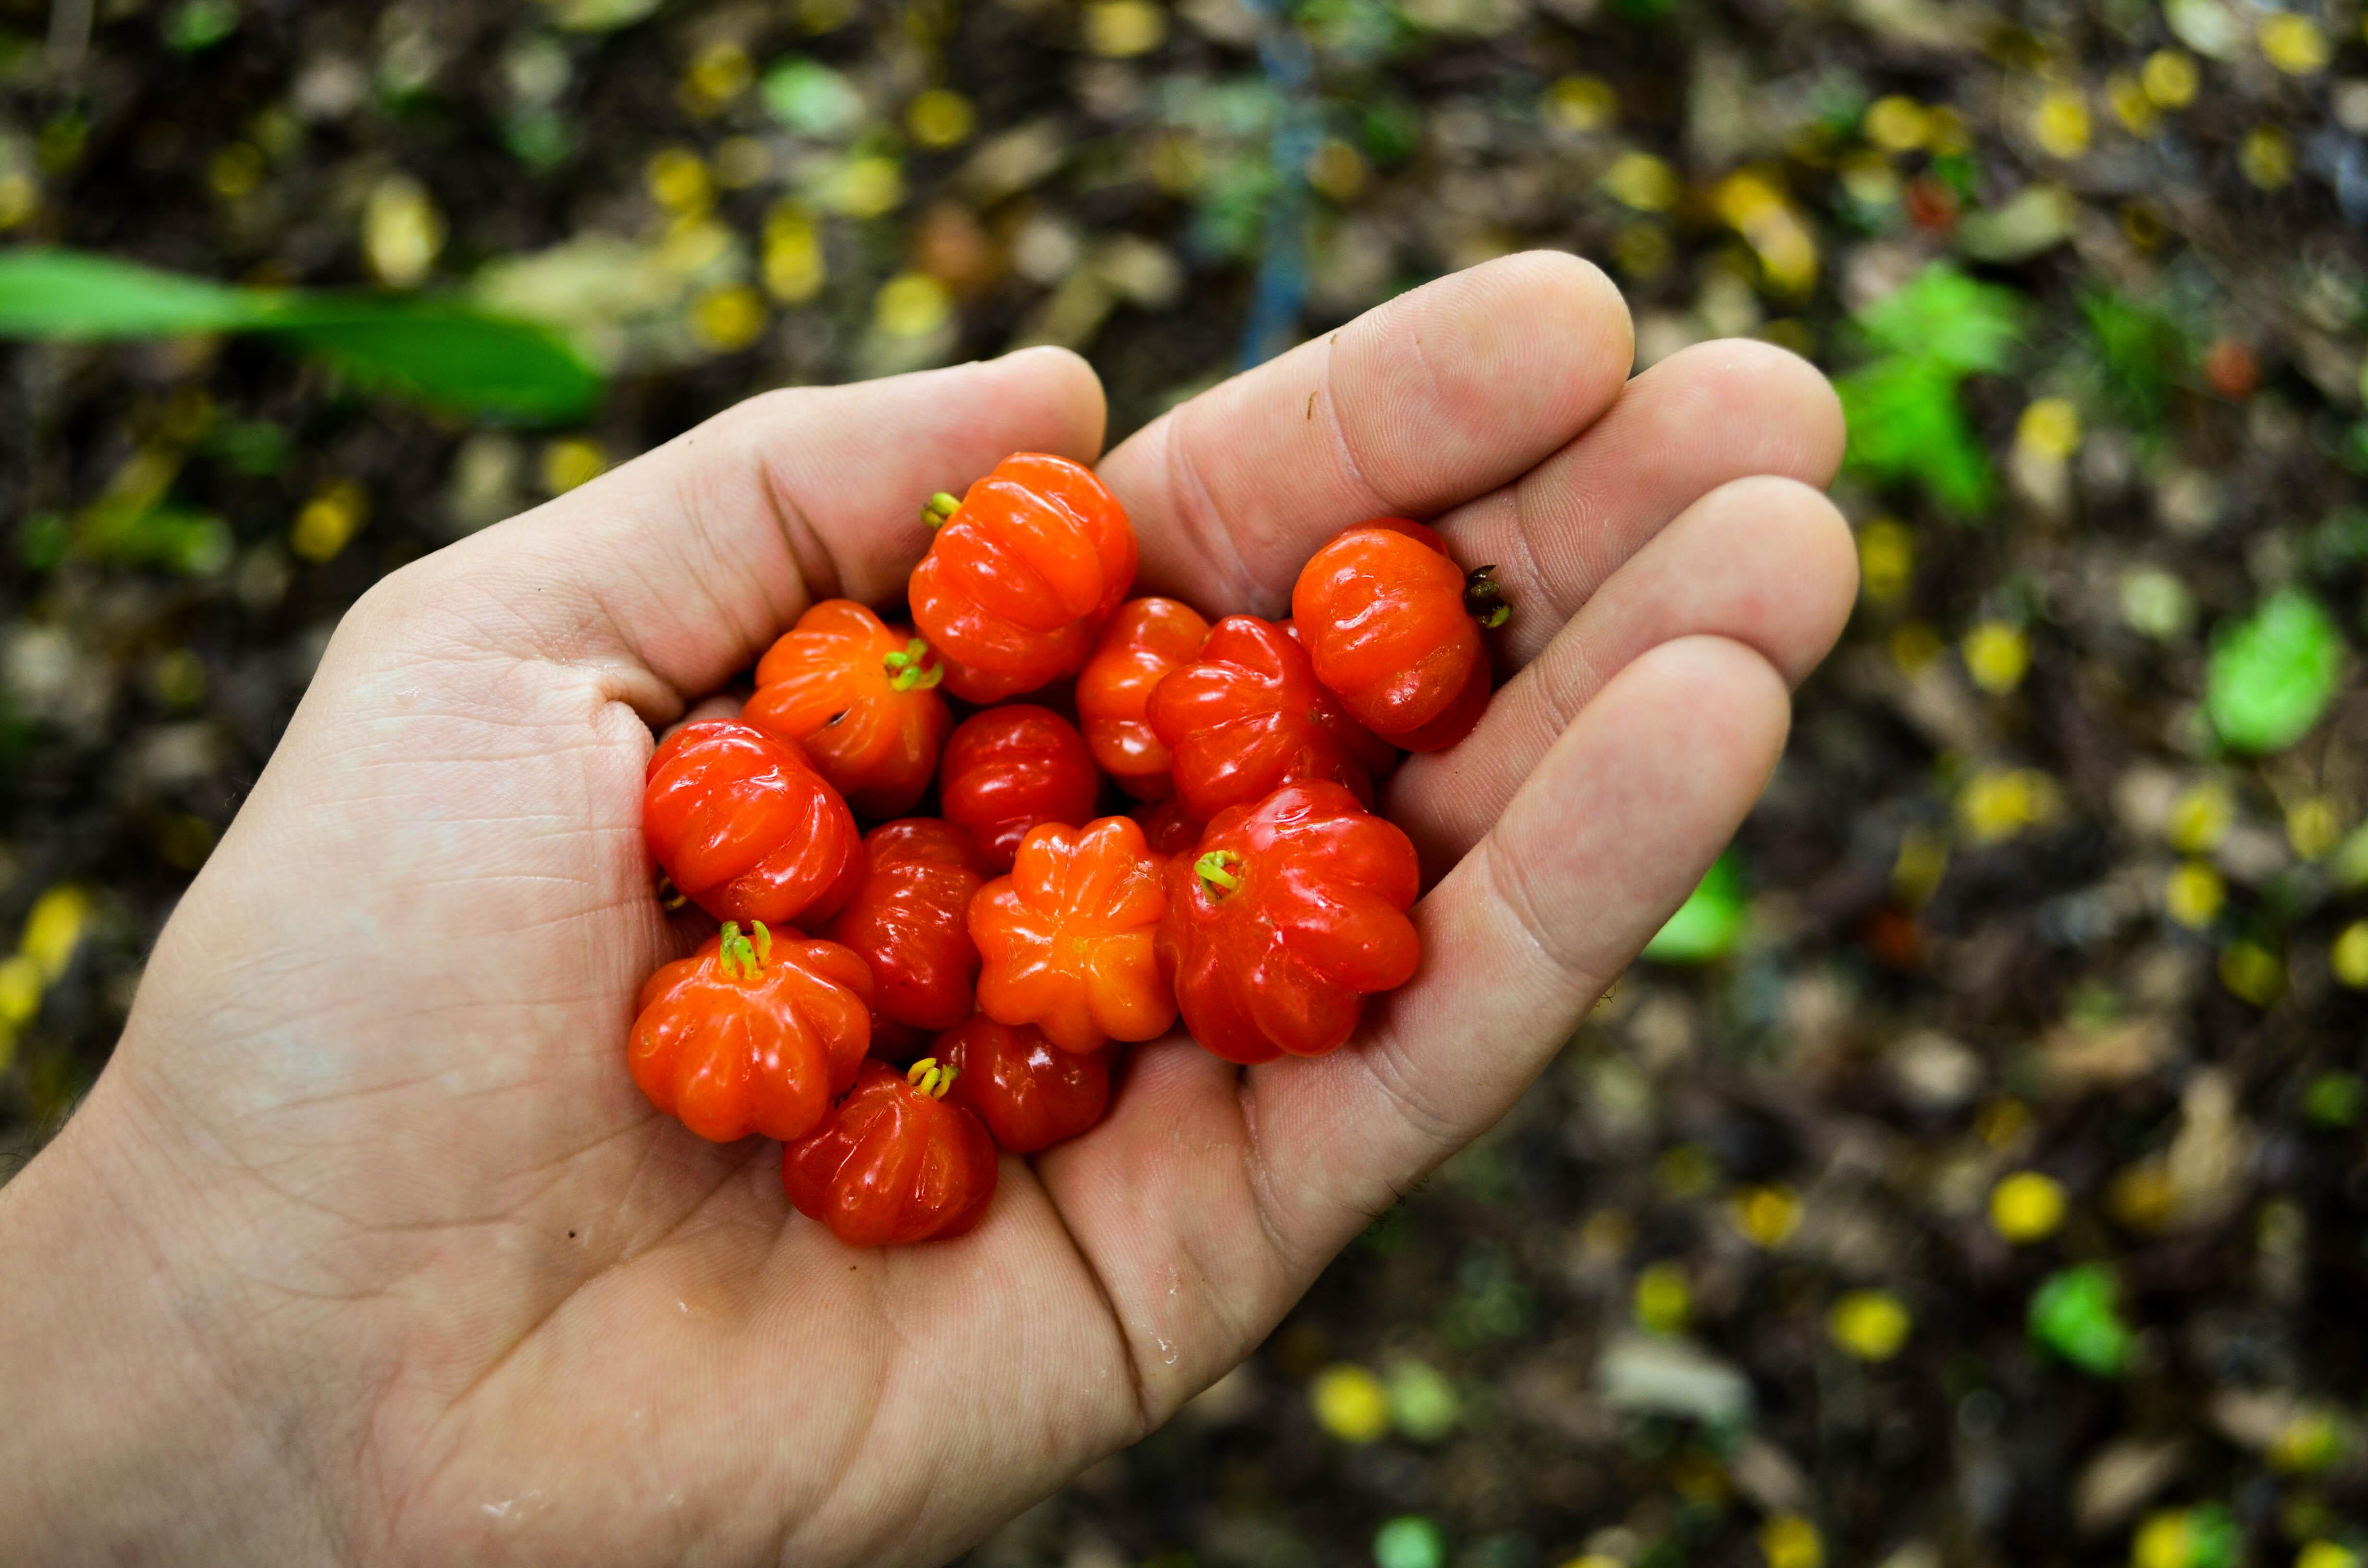 Eugenia uniflora fruit